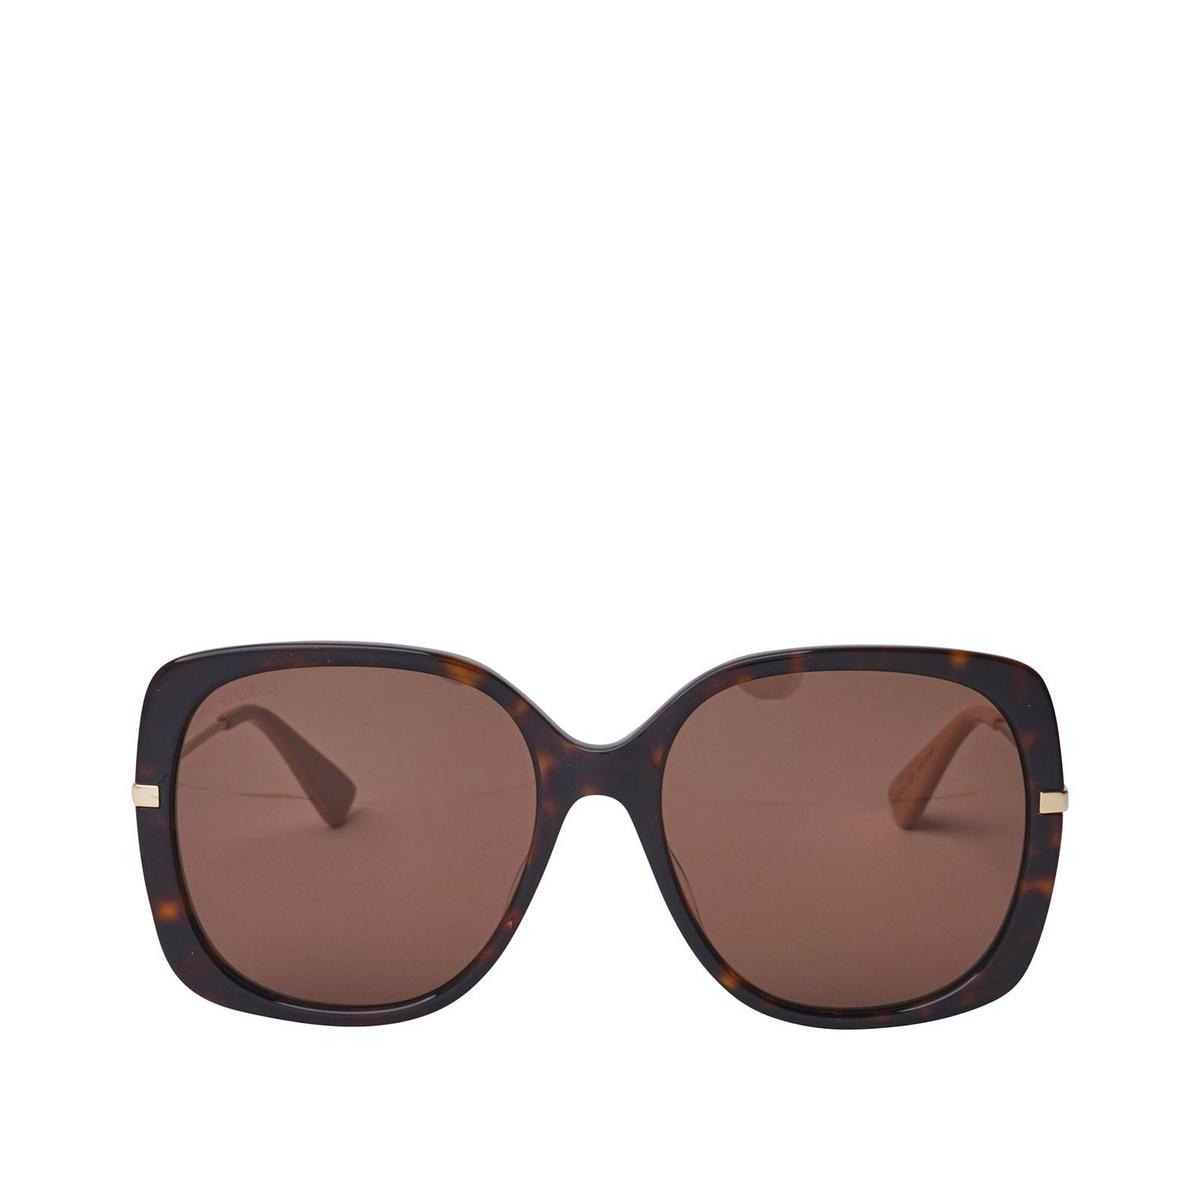 Gucci® Square Sunglasses: GG0511S color Dark Havana 003 - 1/2.